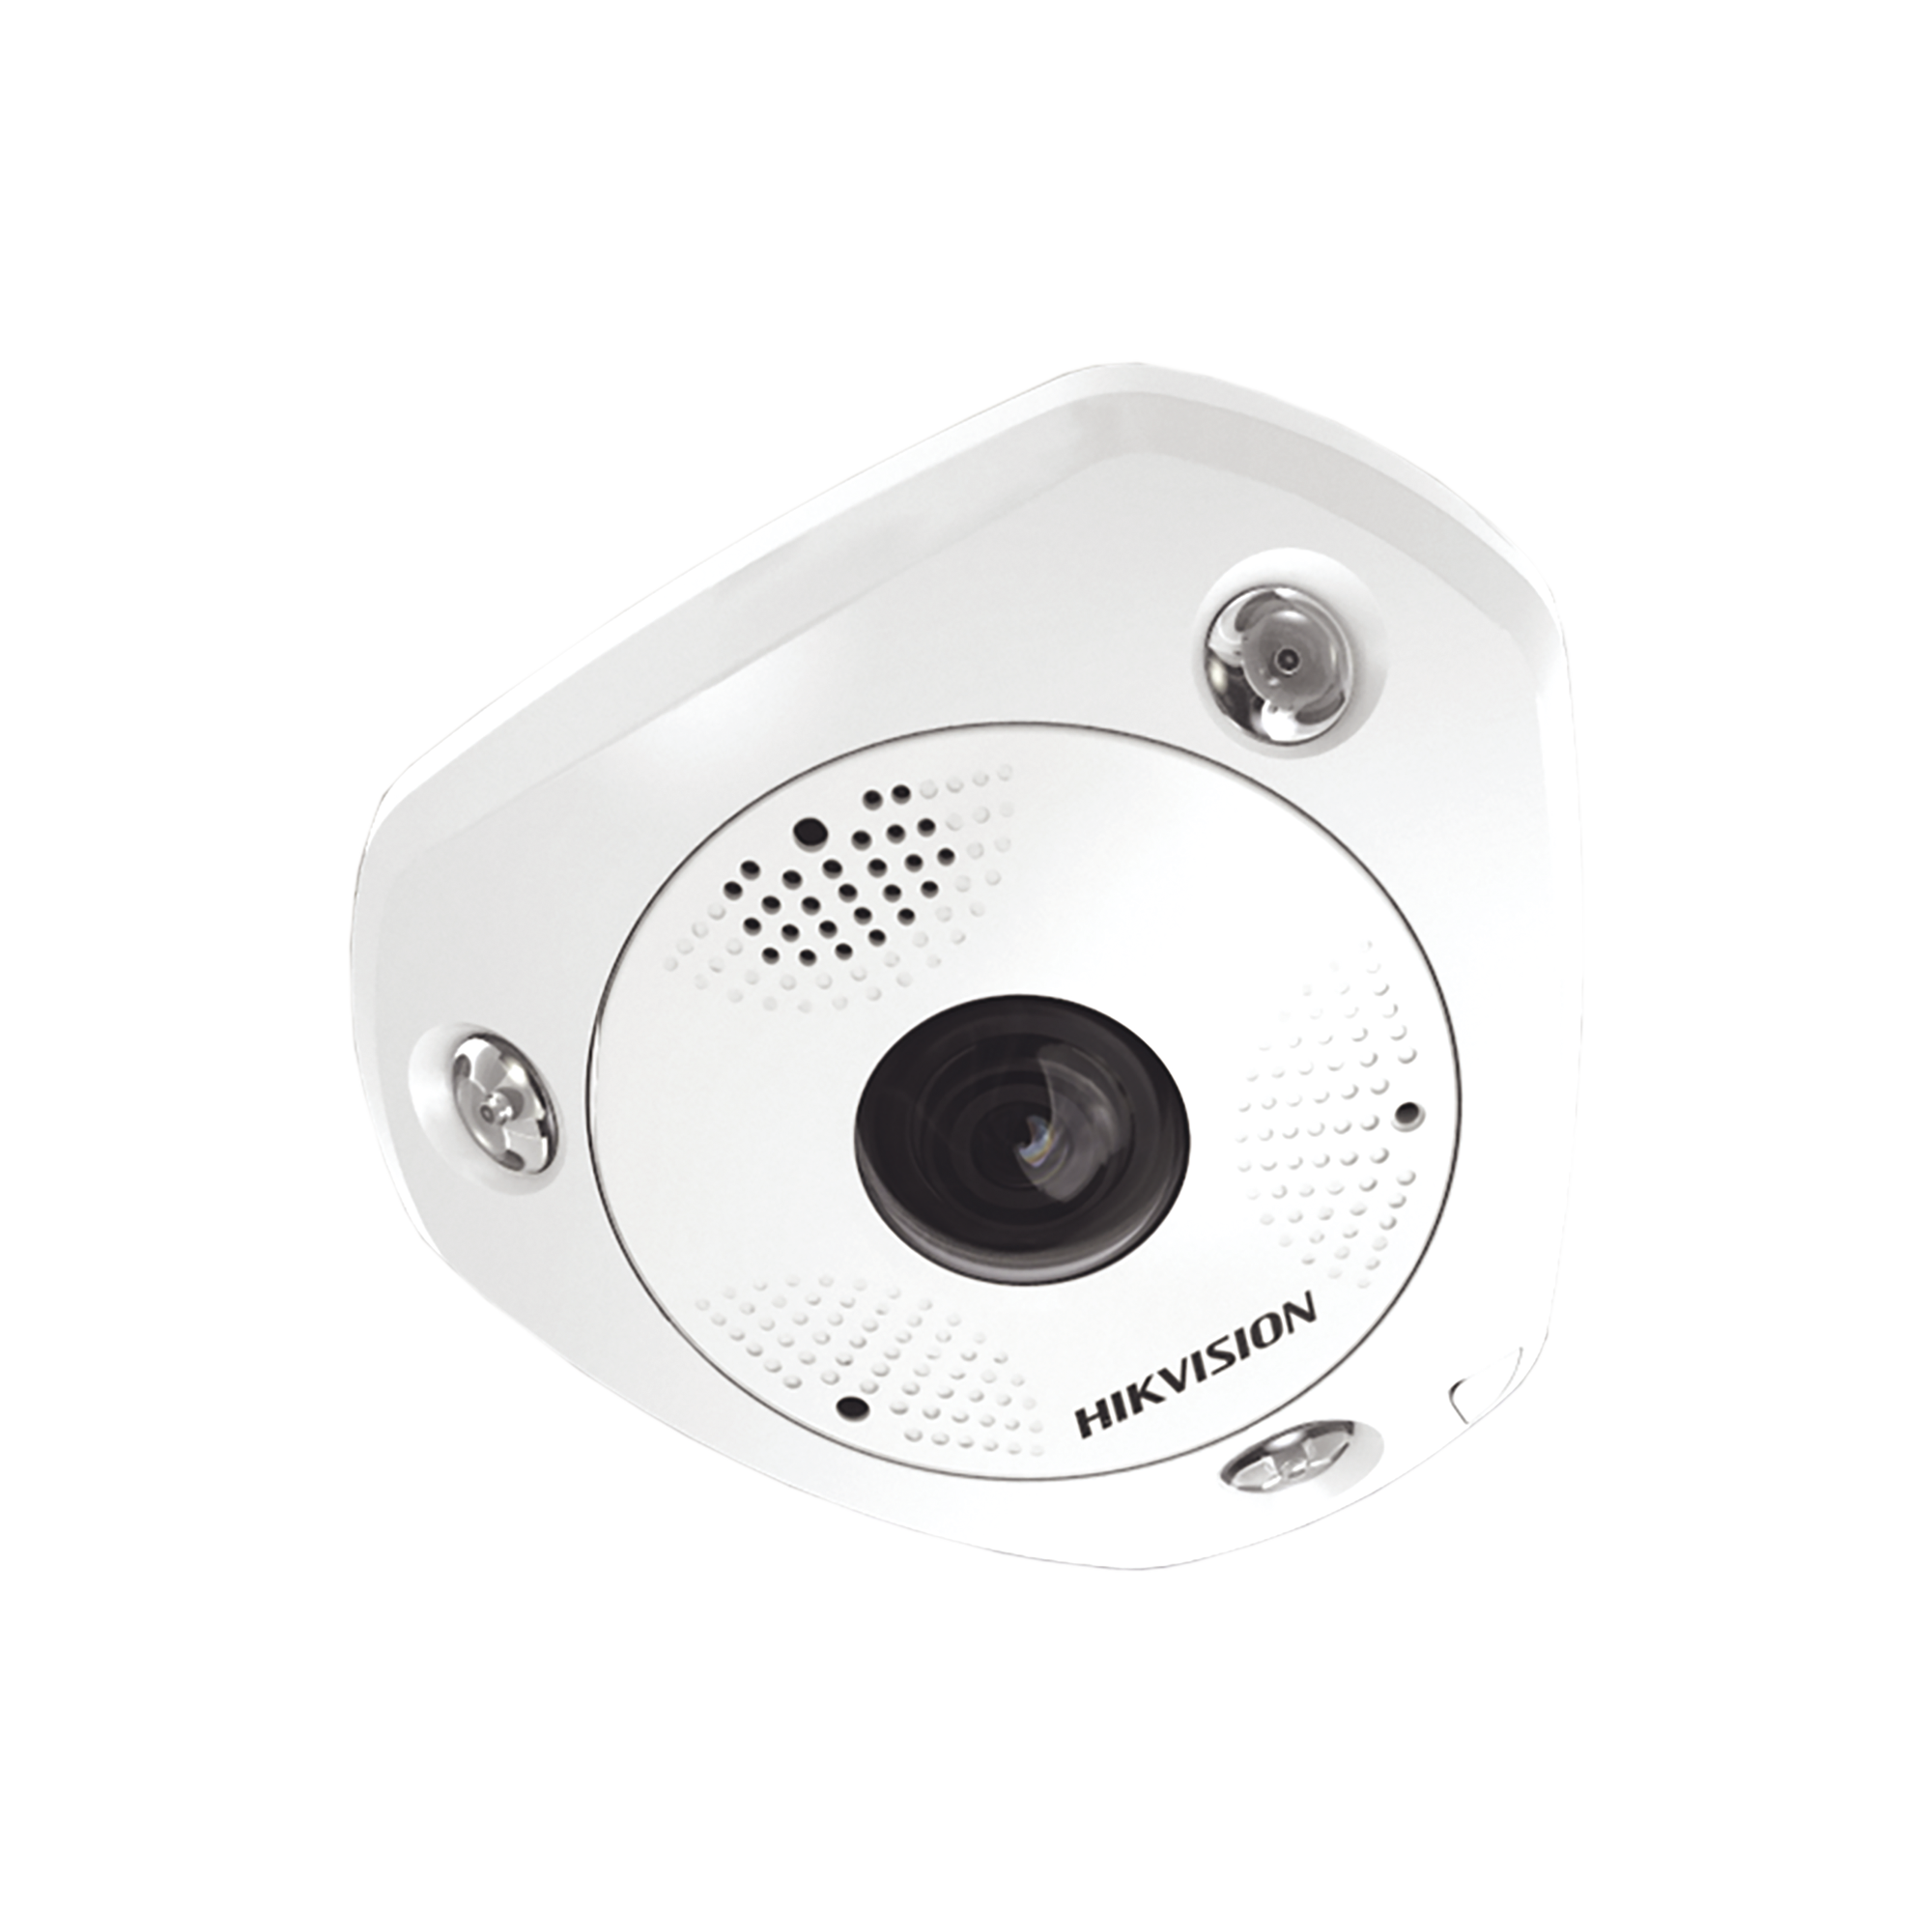 Fisheye IP 12 Megapixel / DEWARPING / Lente IMMERVISION / 180? - 360? / WDR 120 dB / Heat Map / Exterior IP67 / IK08 / Entrada y Salida de Audio y Alarma / Múltiples Vistas